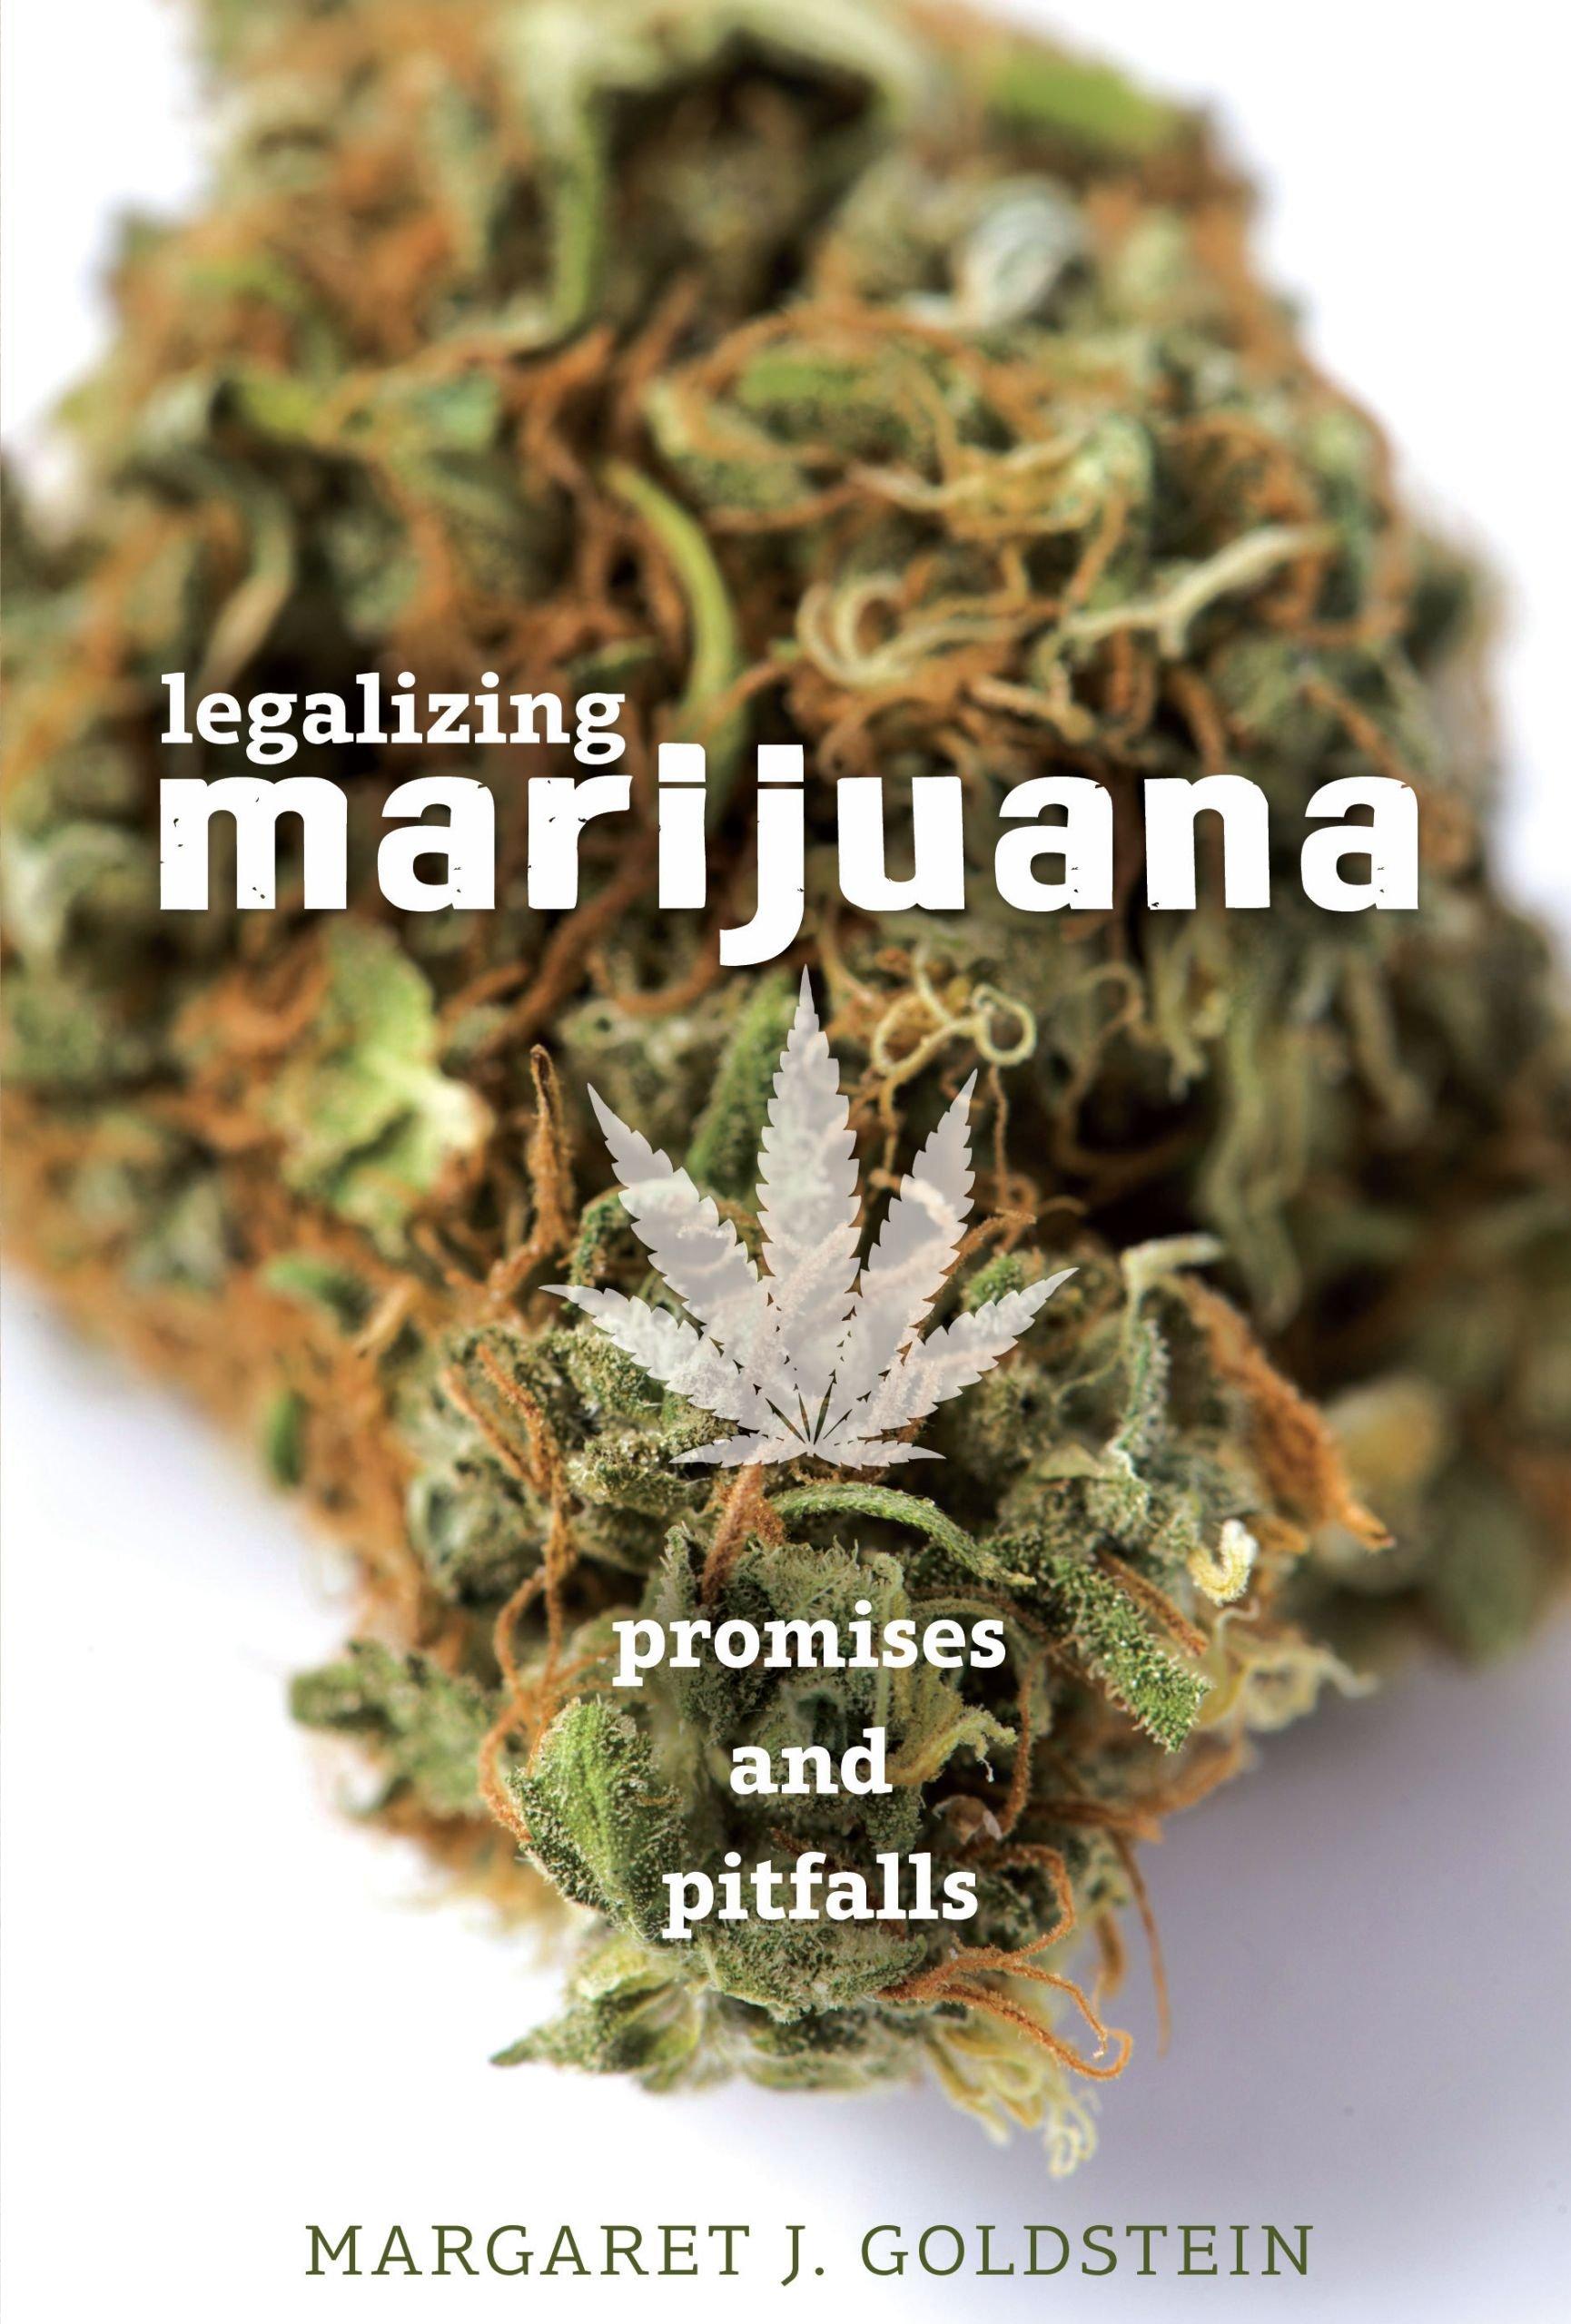 Amazon.com: Legalizing Marijuana: Promises and Pitfalls ...